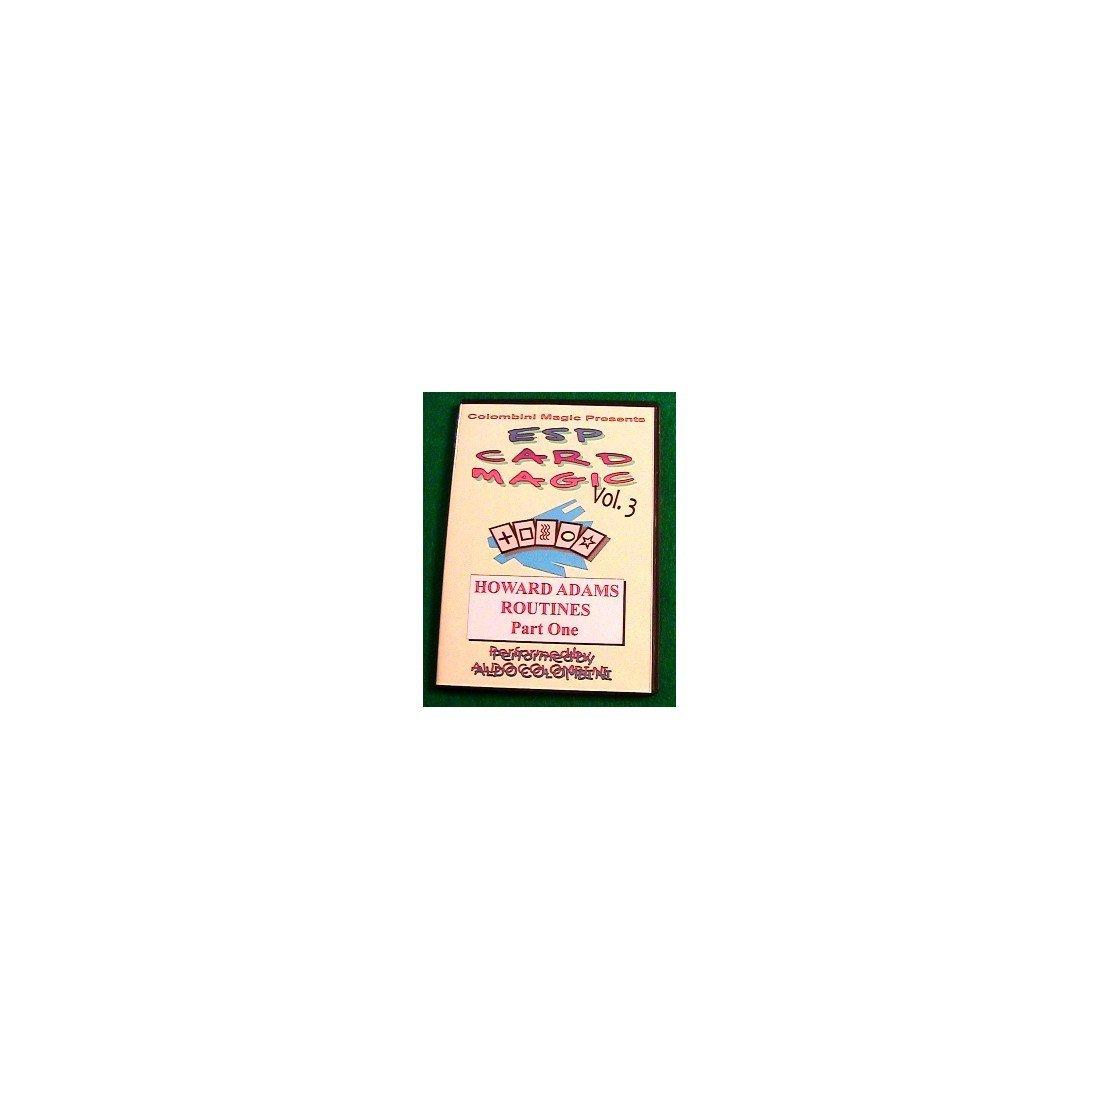 COLOMBINI - Carta mágica ESP DVD Vol. 3 Howard Adams. por ...